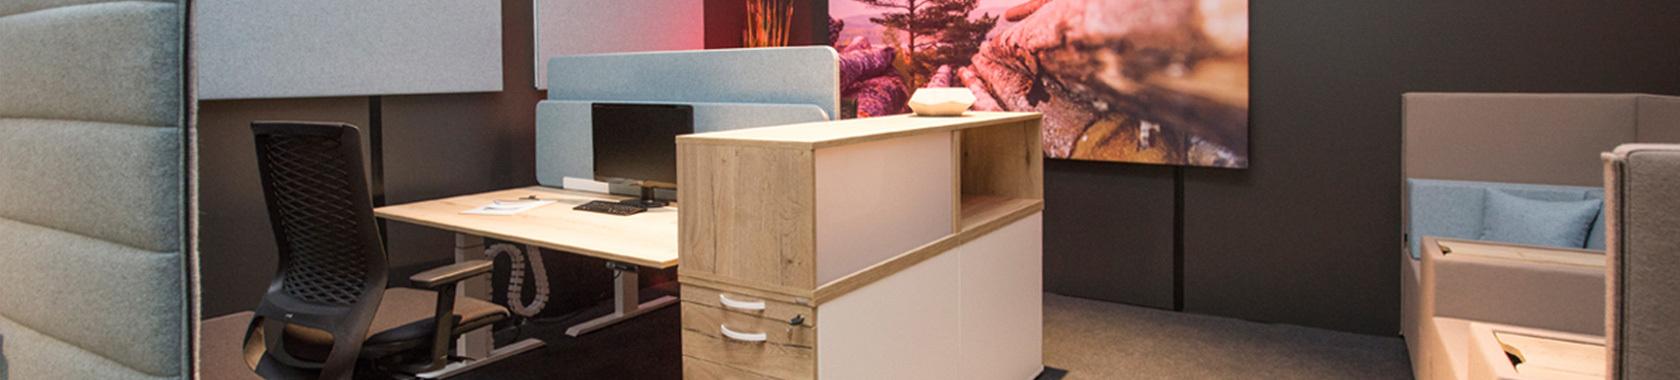 arbeitspl tze von febr raum f r kreativit t art office shop. Black Bedroom Furniture Sets. Home Design Ideas